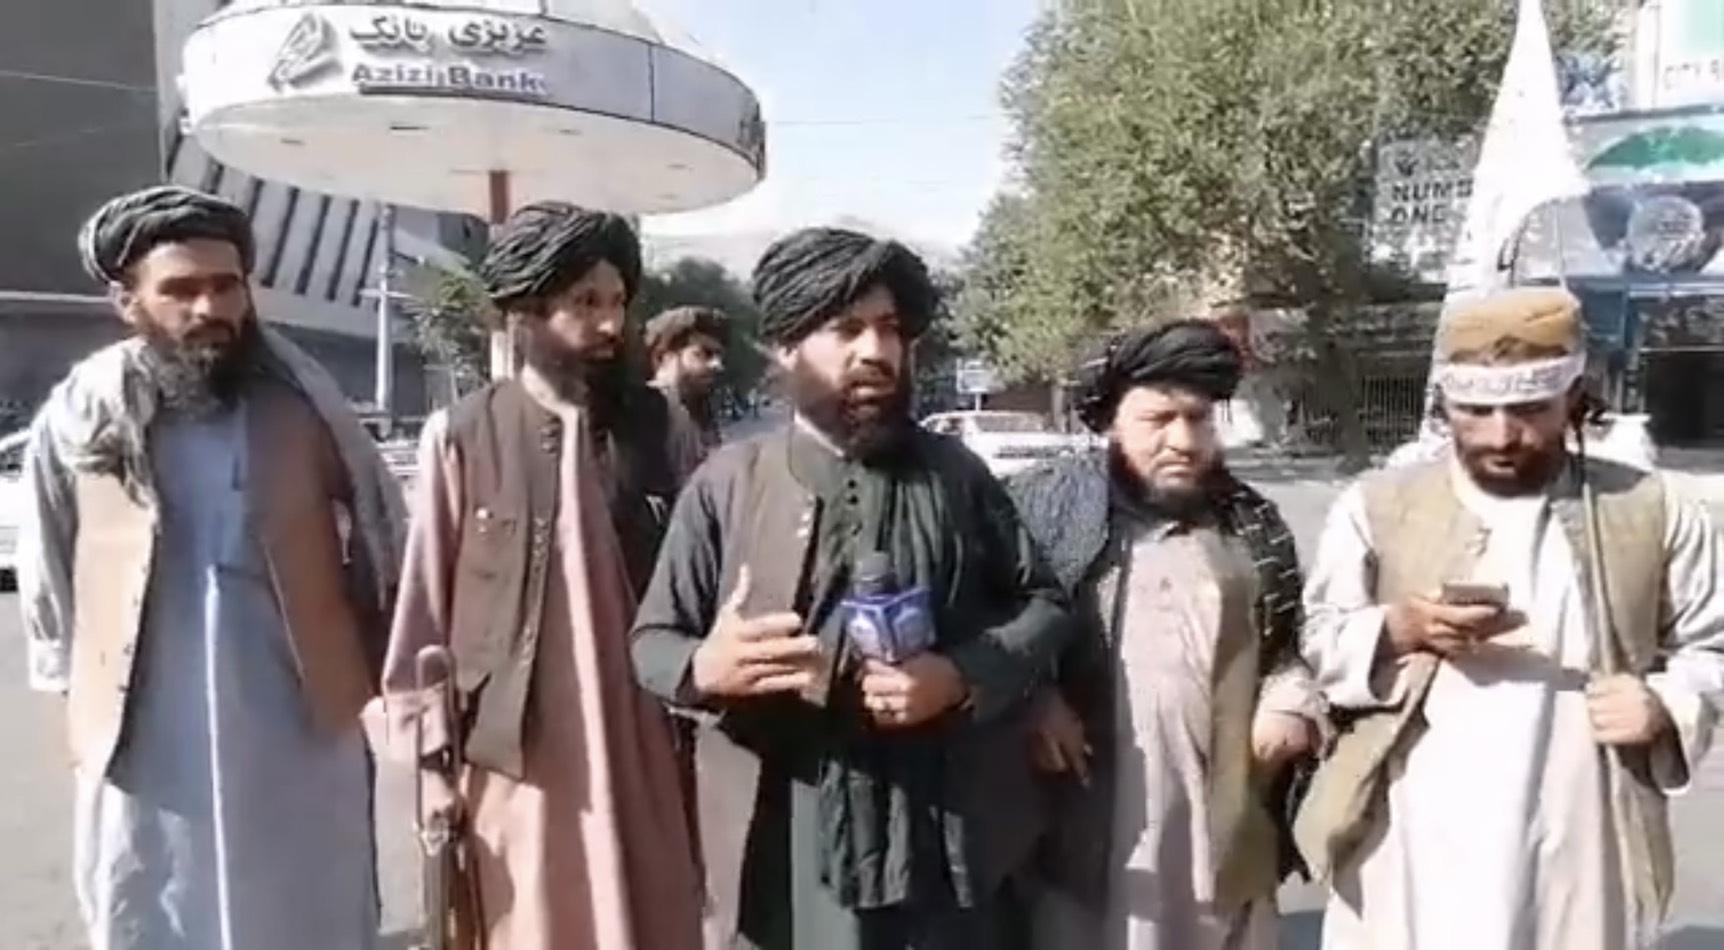 【溫承澤觀點】美國在阿富汗的西貢時刻